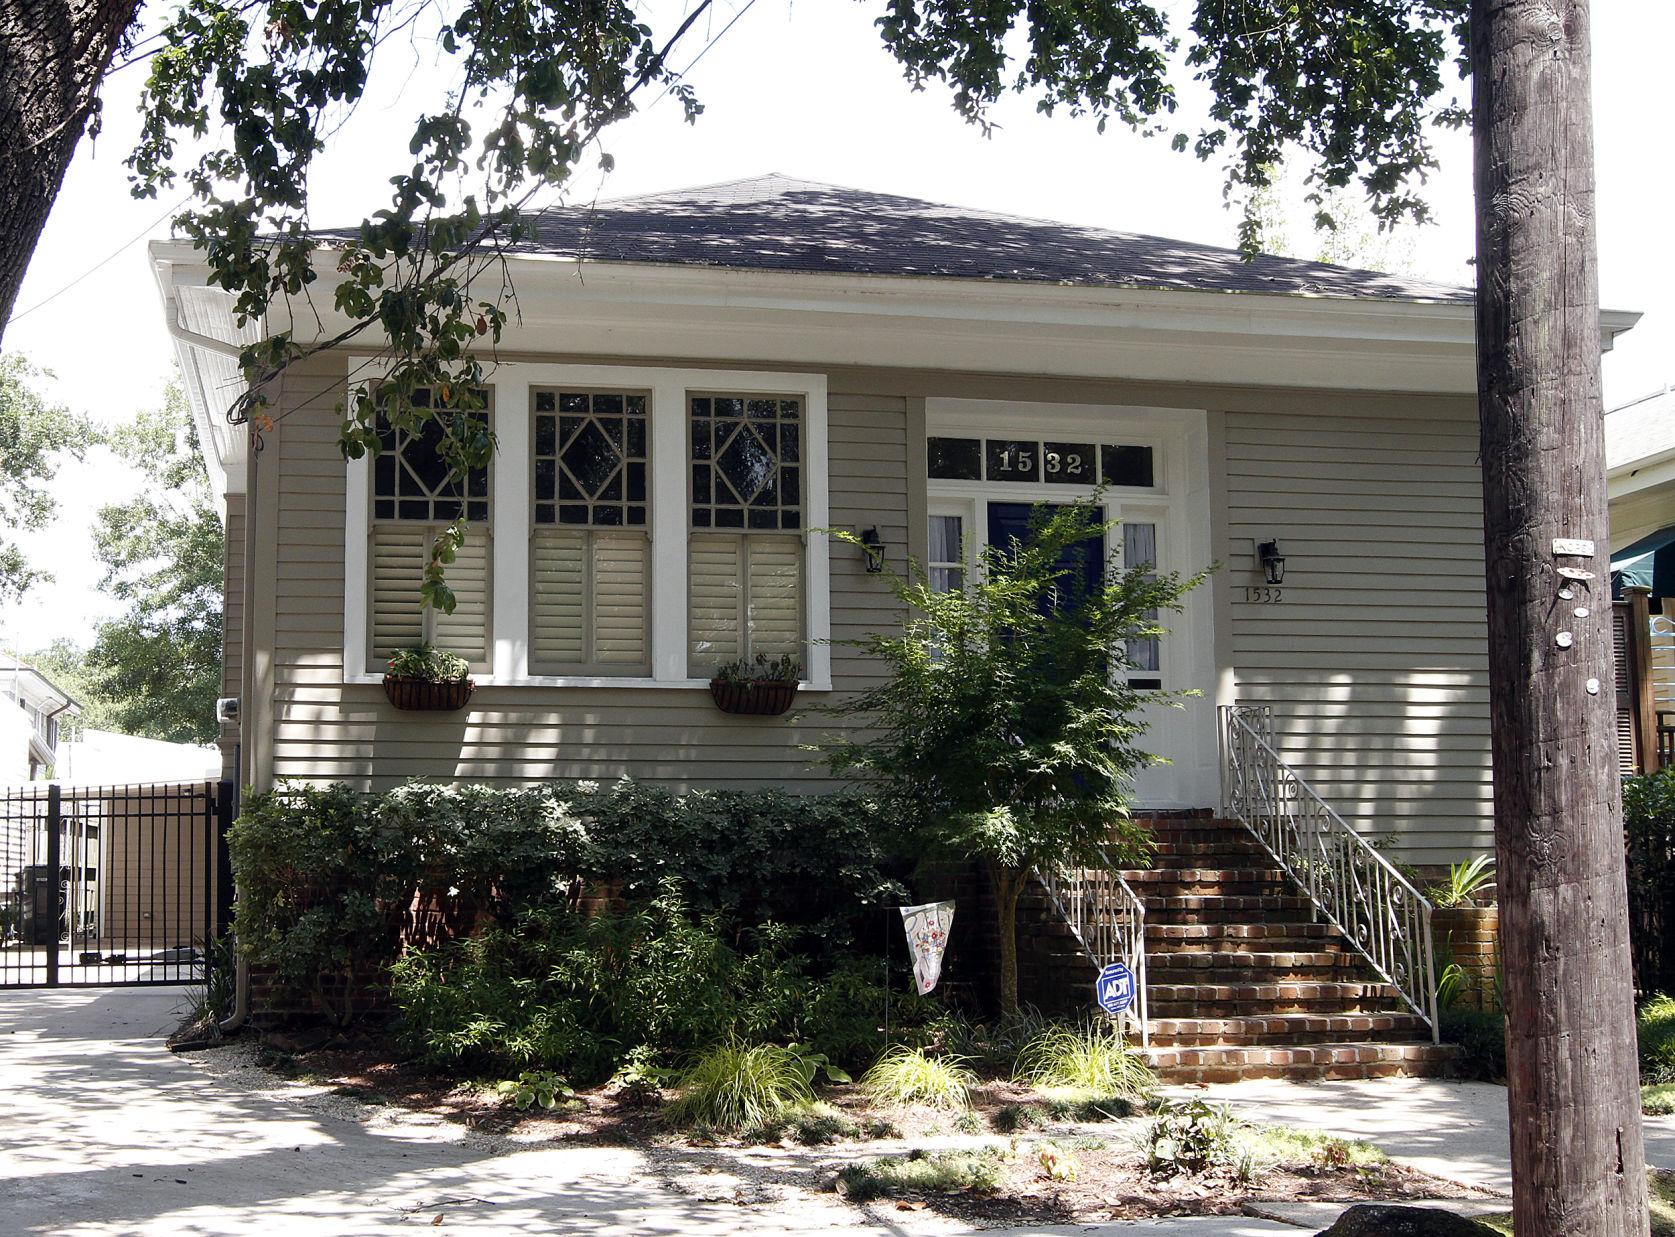 NOorleanstransfersepl063018 02 New Orleans property transfers June 18 22